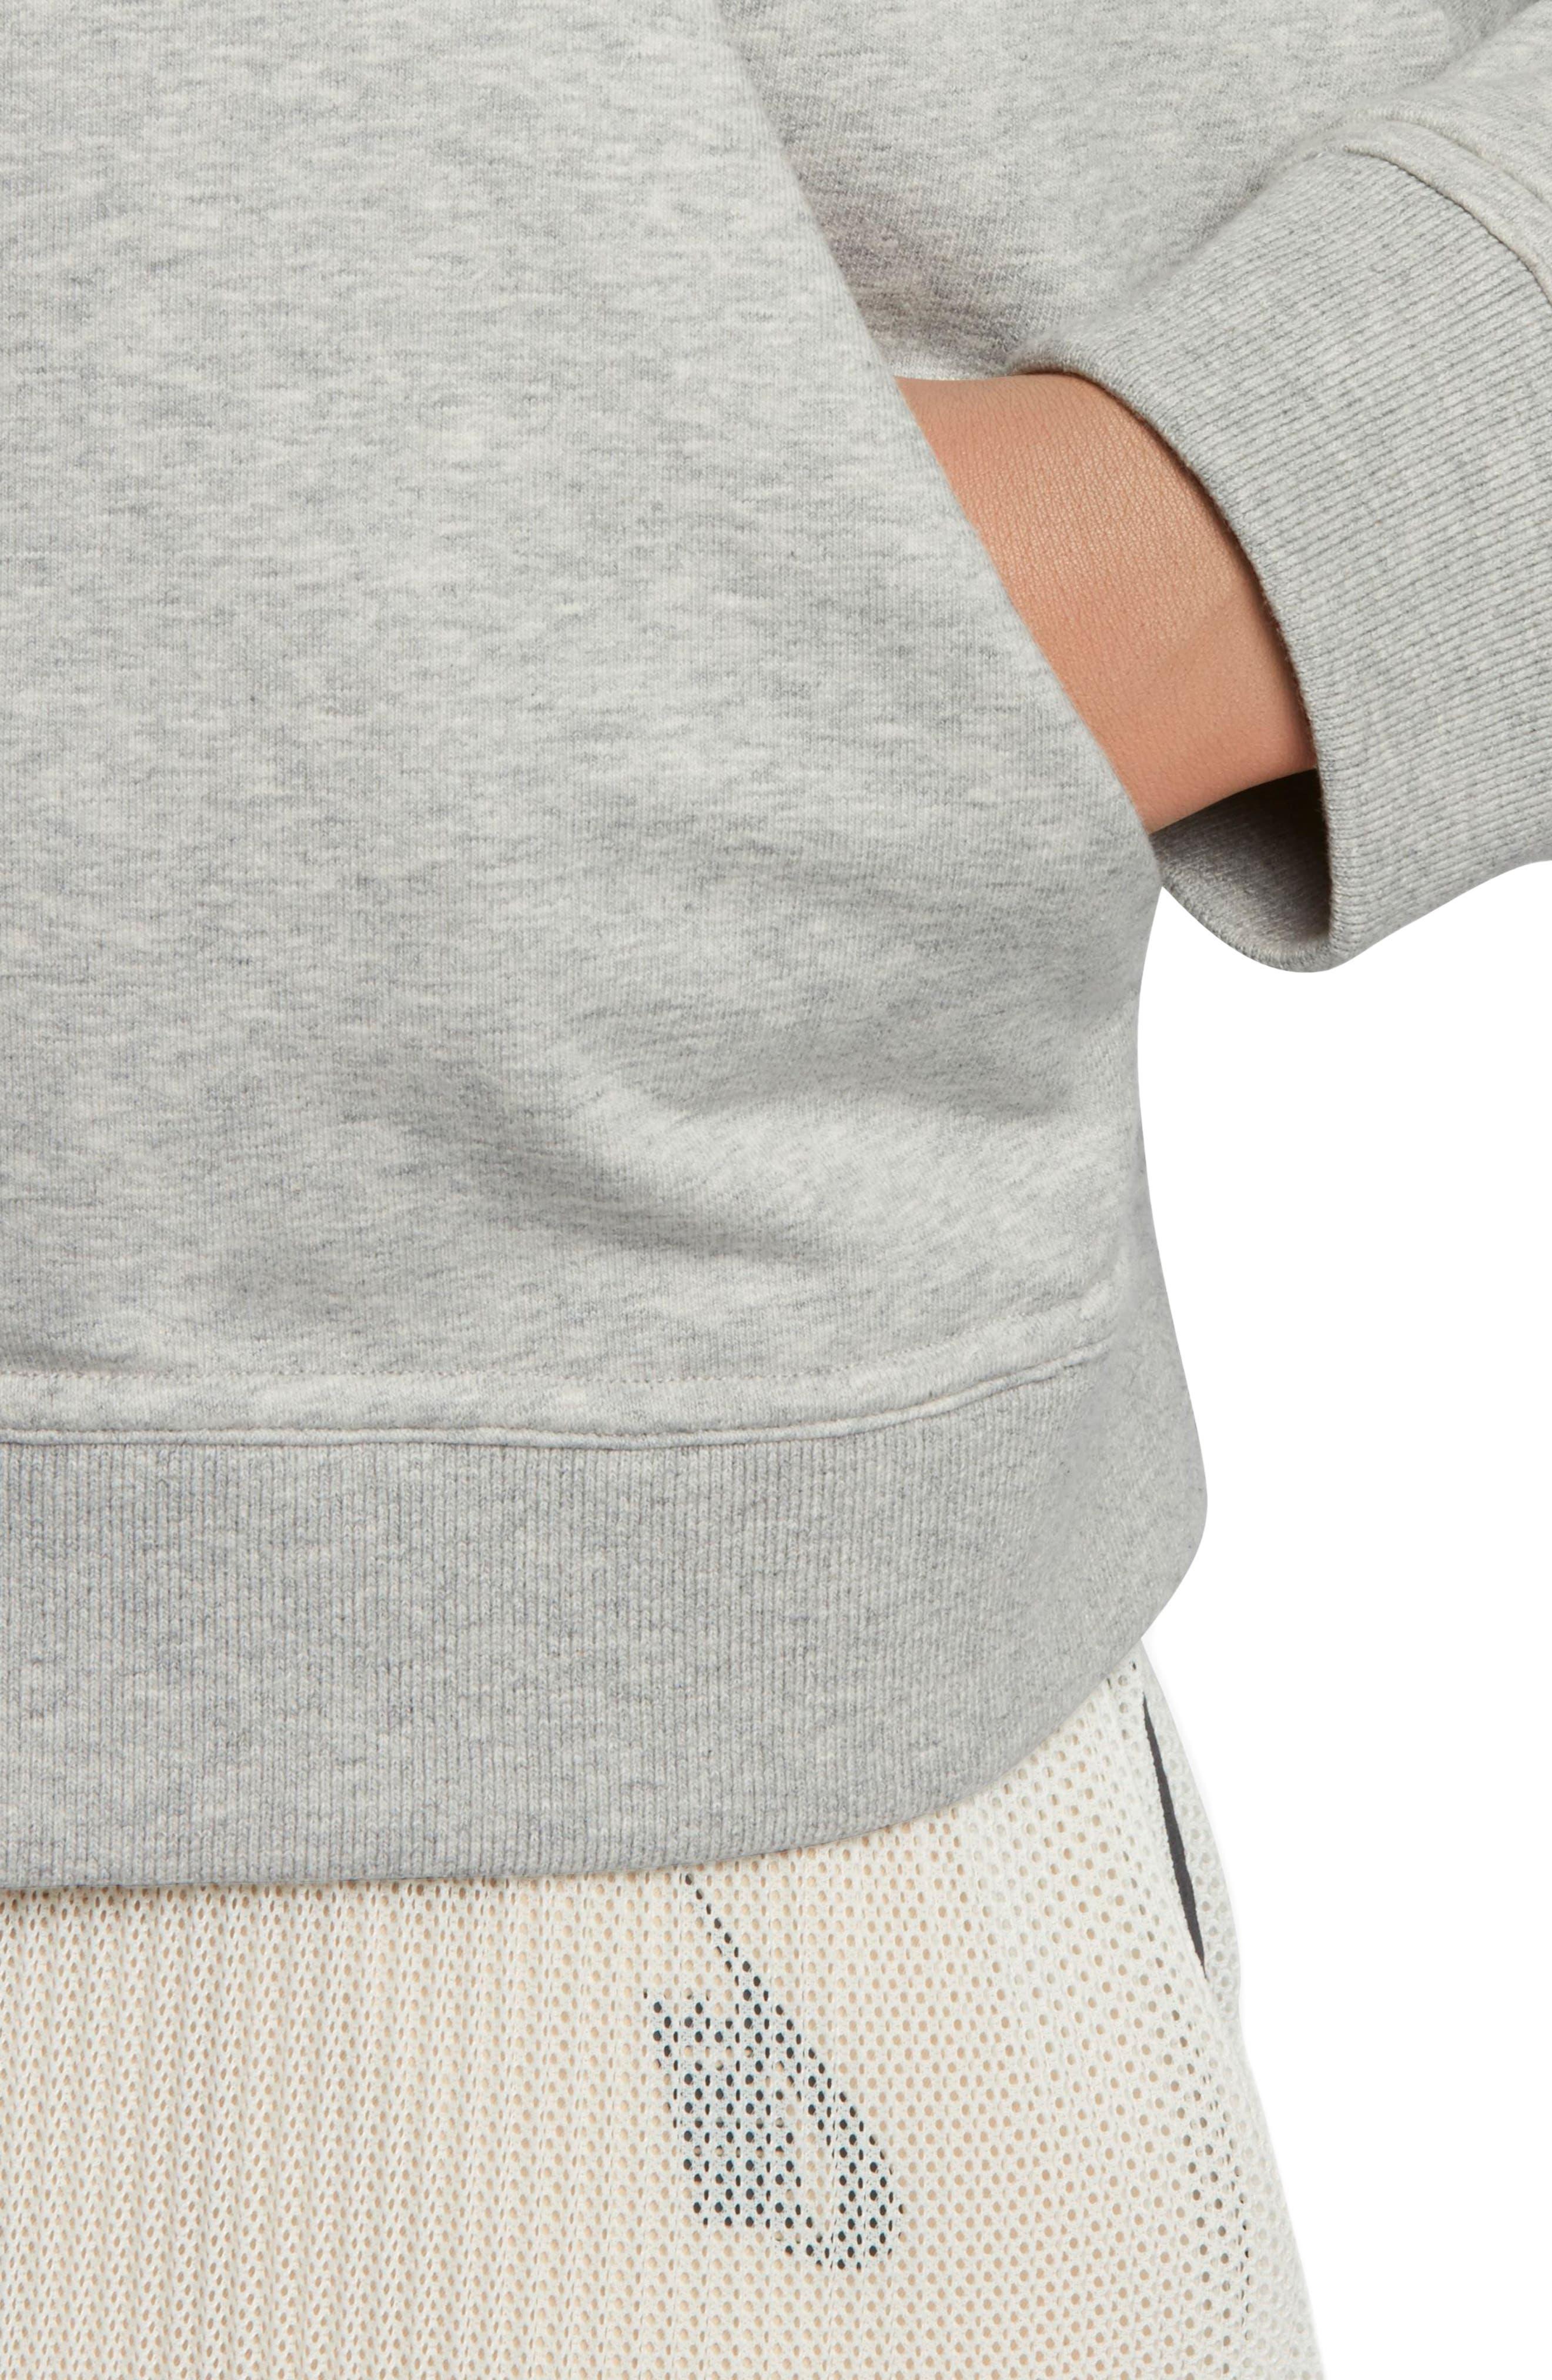 Lab Essentials Crop Hoodie,                             Alternate thumbnail 5, color,                             Grey Heather/ Pale Grey/ Black